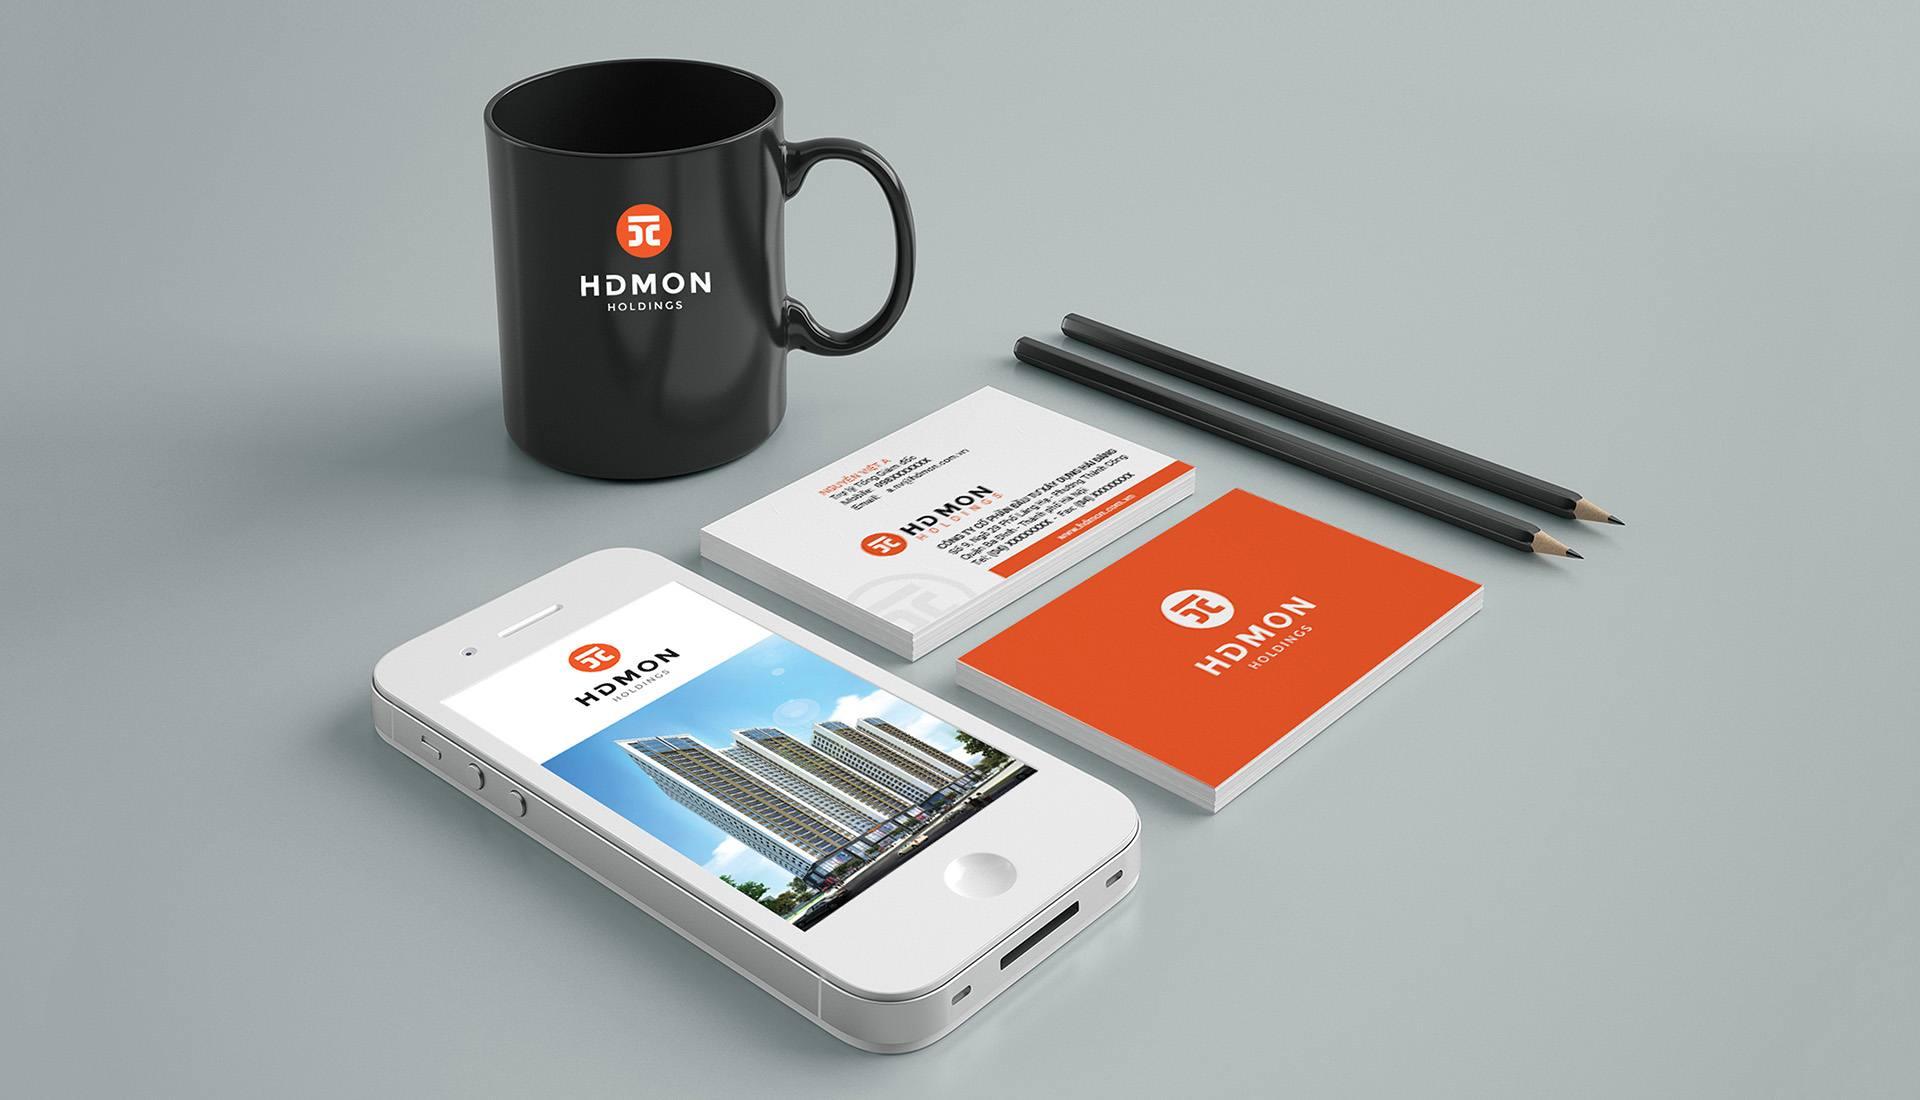 dự án thiết kế bộ nhận diện thương hiệu hdmon holdings